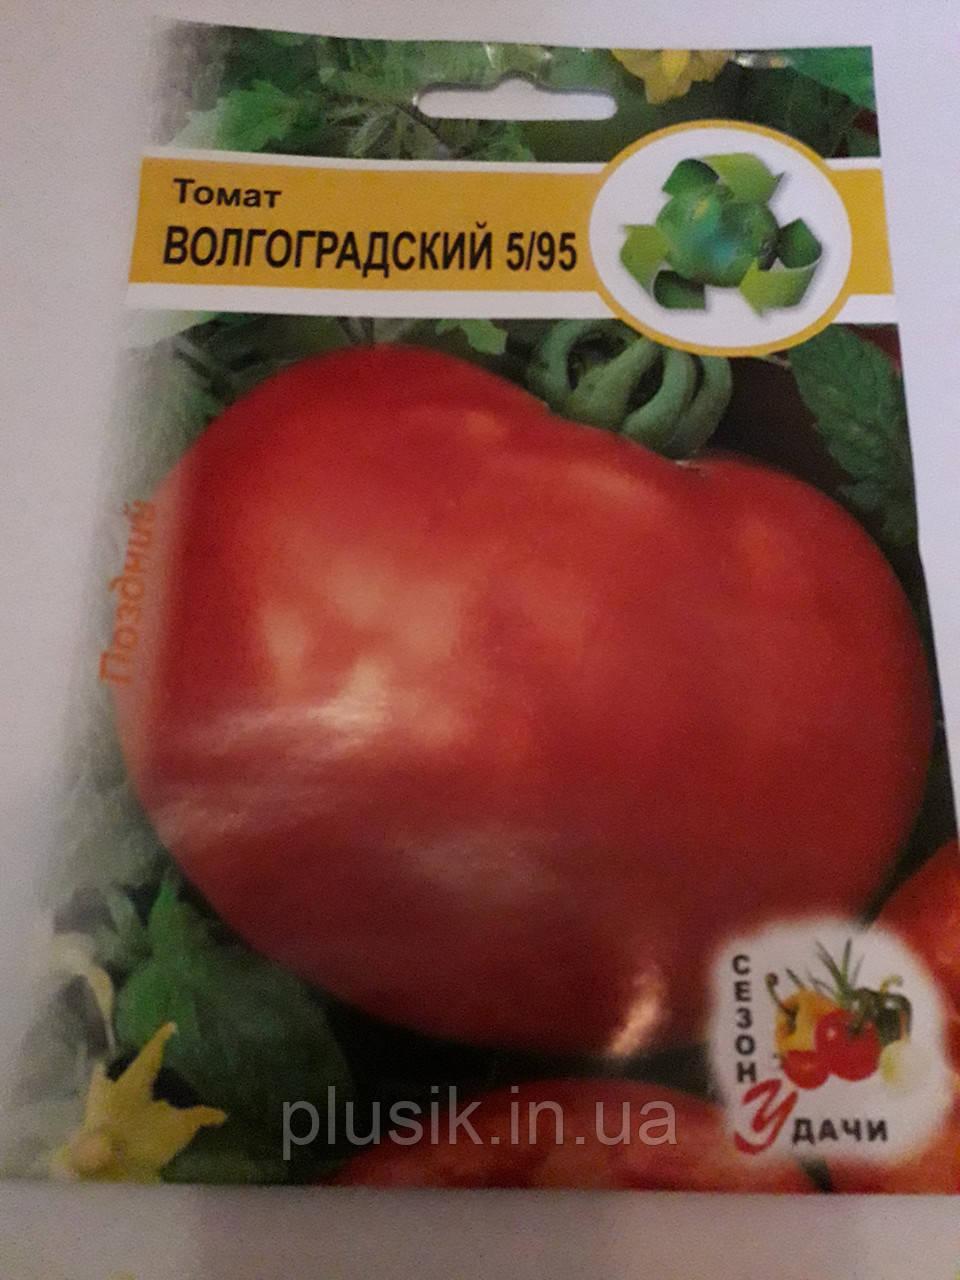 Томат Волгоградський 5/95 пізній 0.5 (мінімальне замовлення 25 пачок)